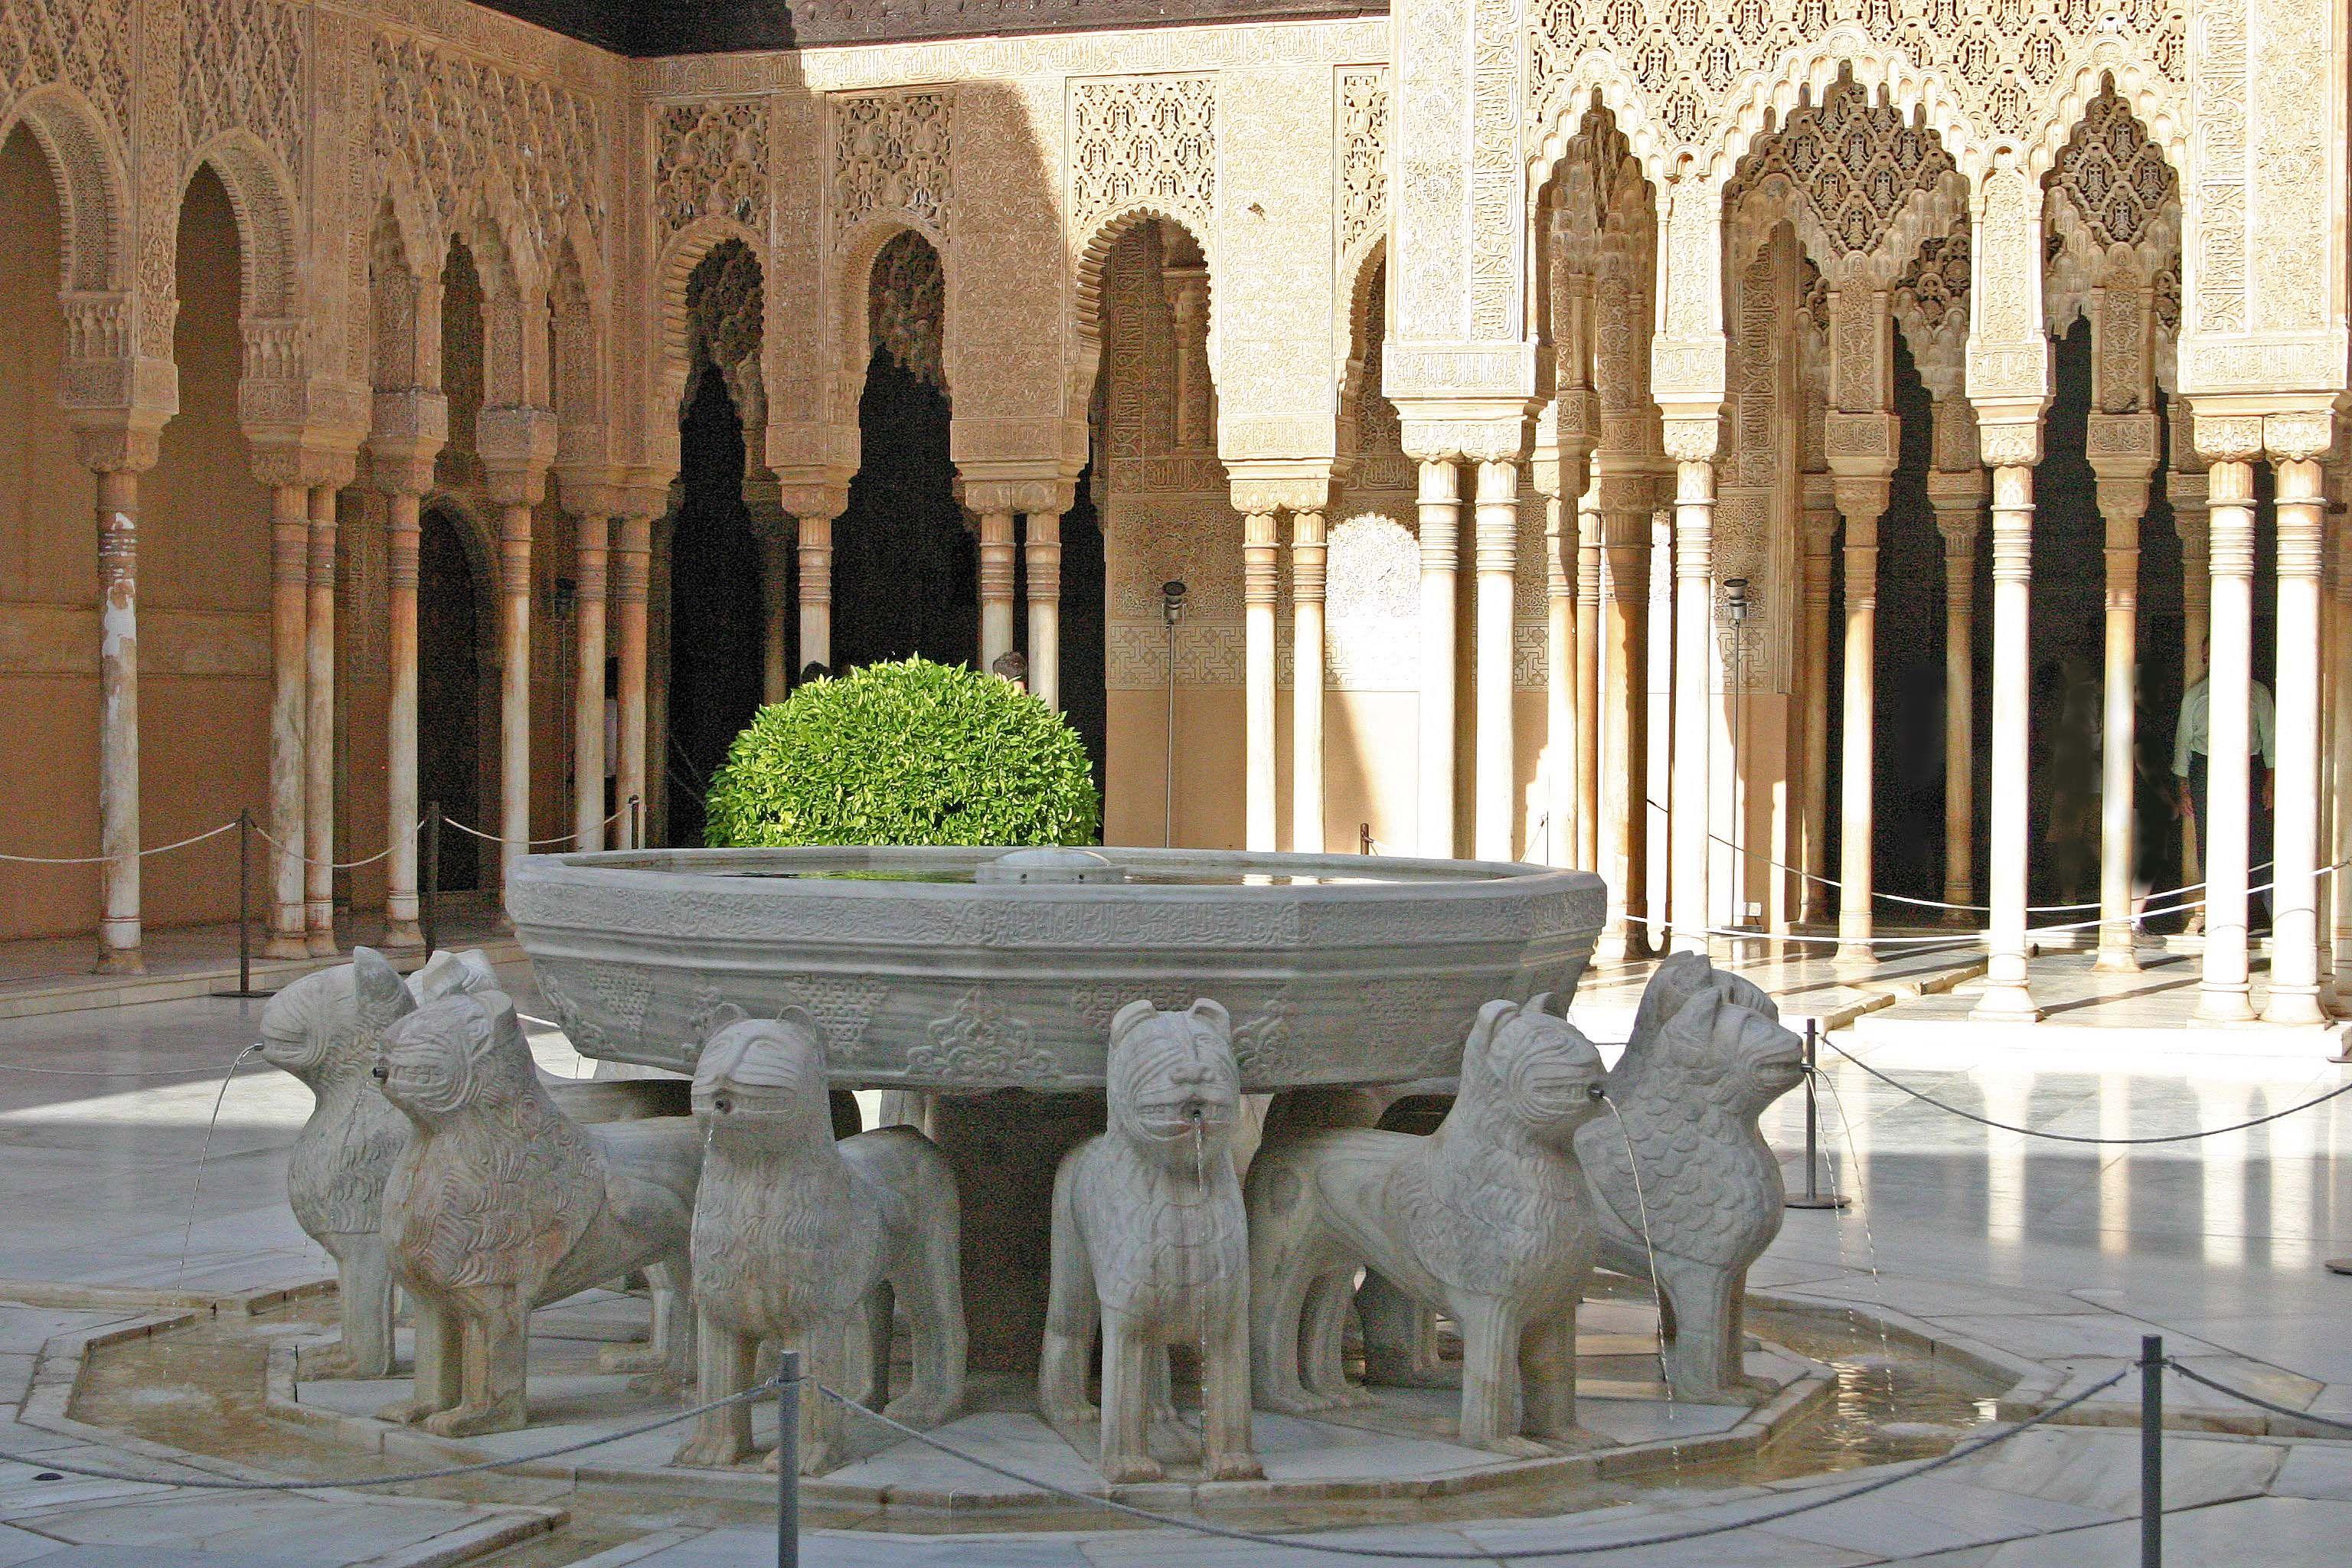 Fuente patio de los leones alhambra de granada alhambra - Patios de granada ...